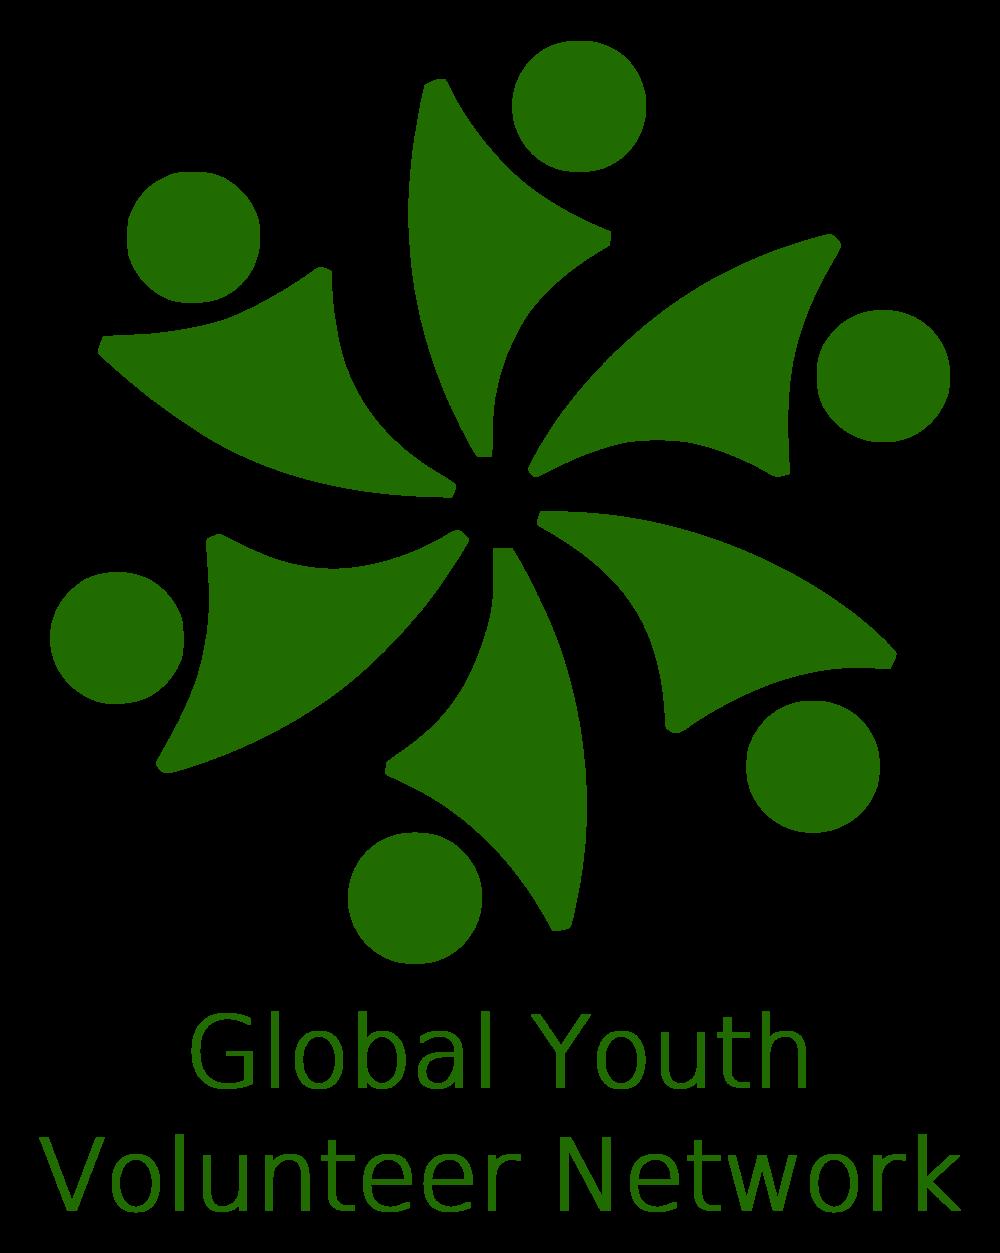 Global+Youth+Volunteer+Network.png